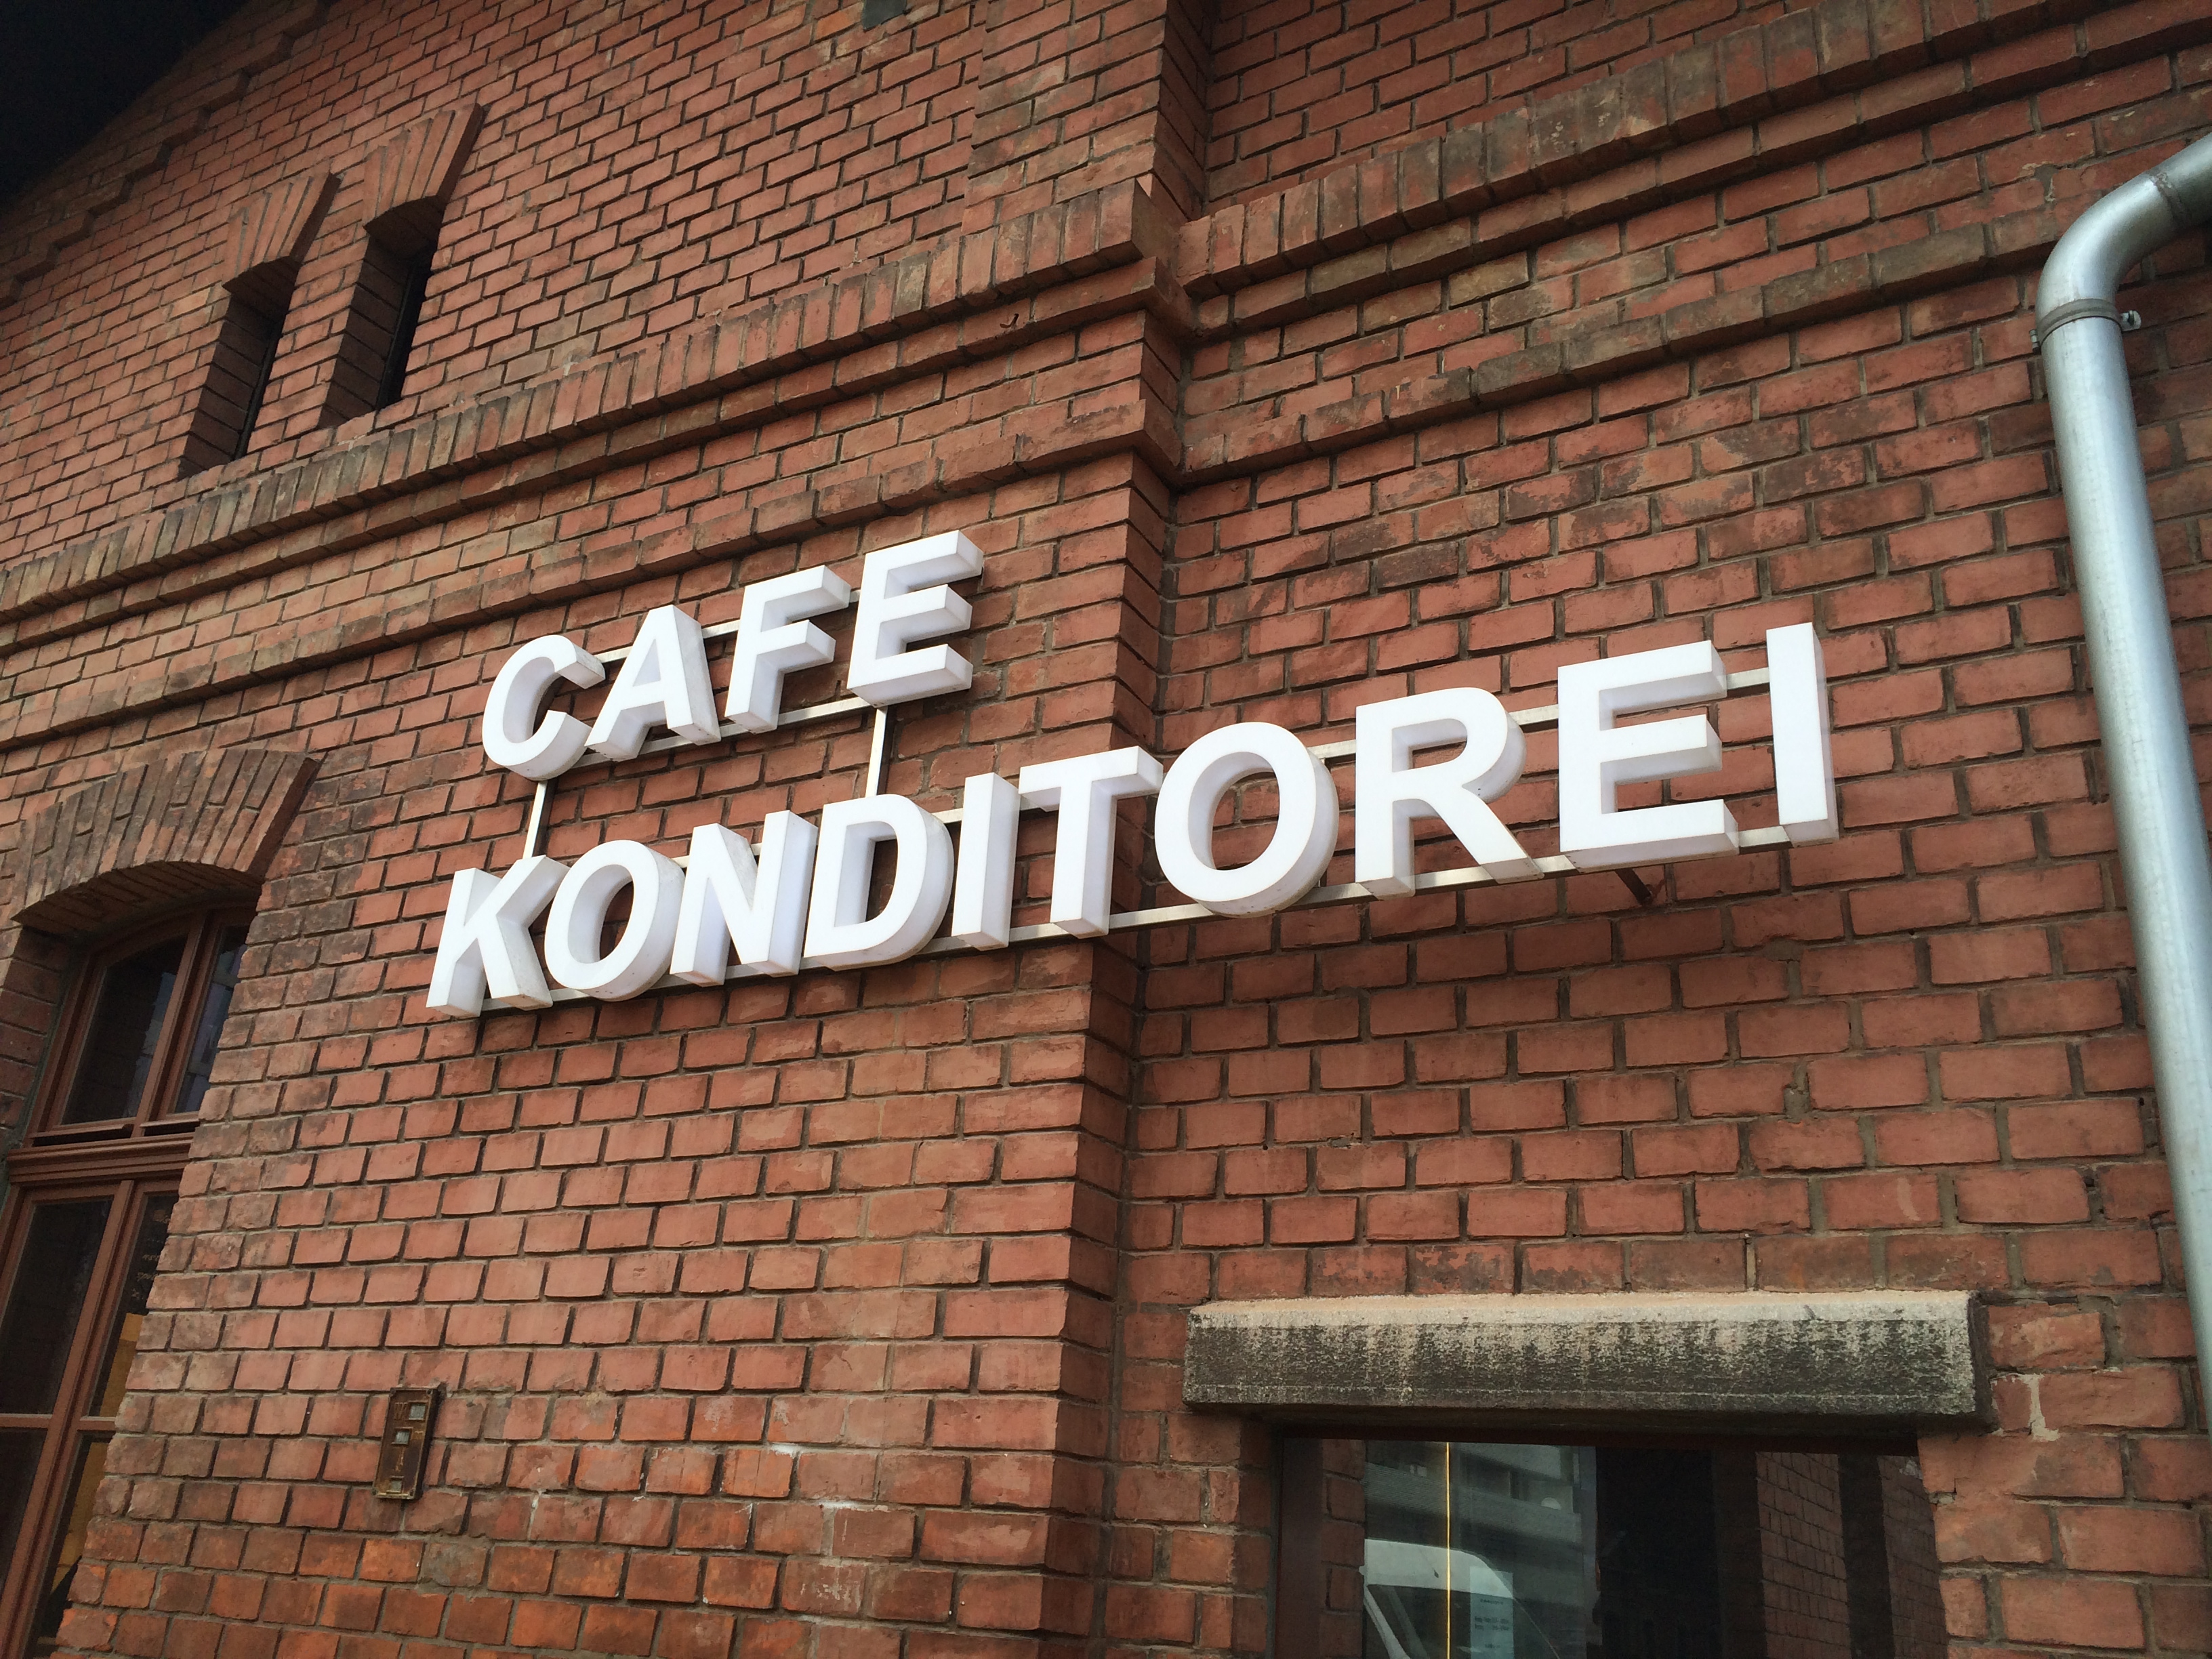 Cafe Konditorei